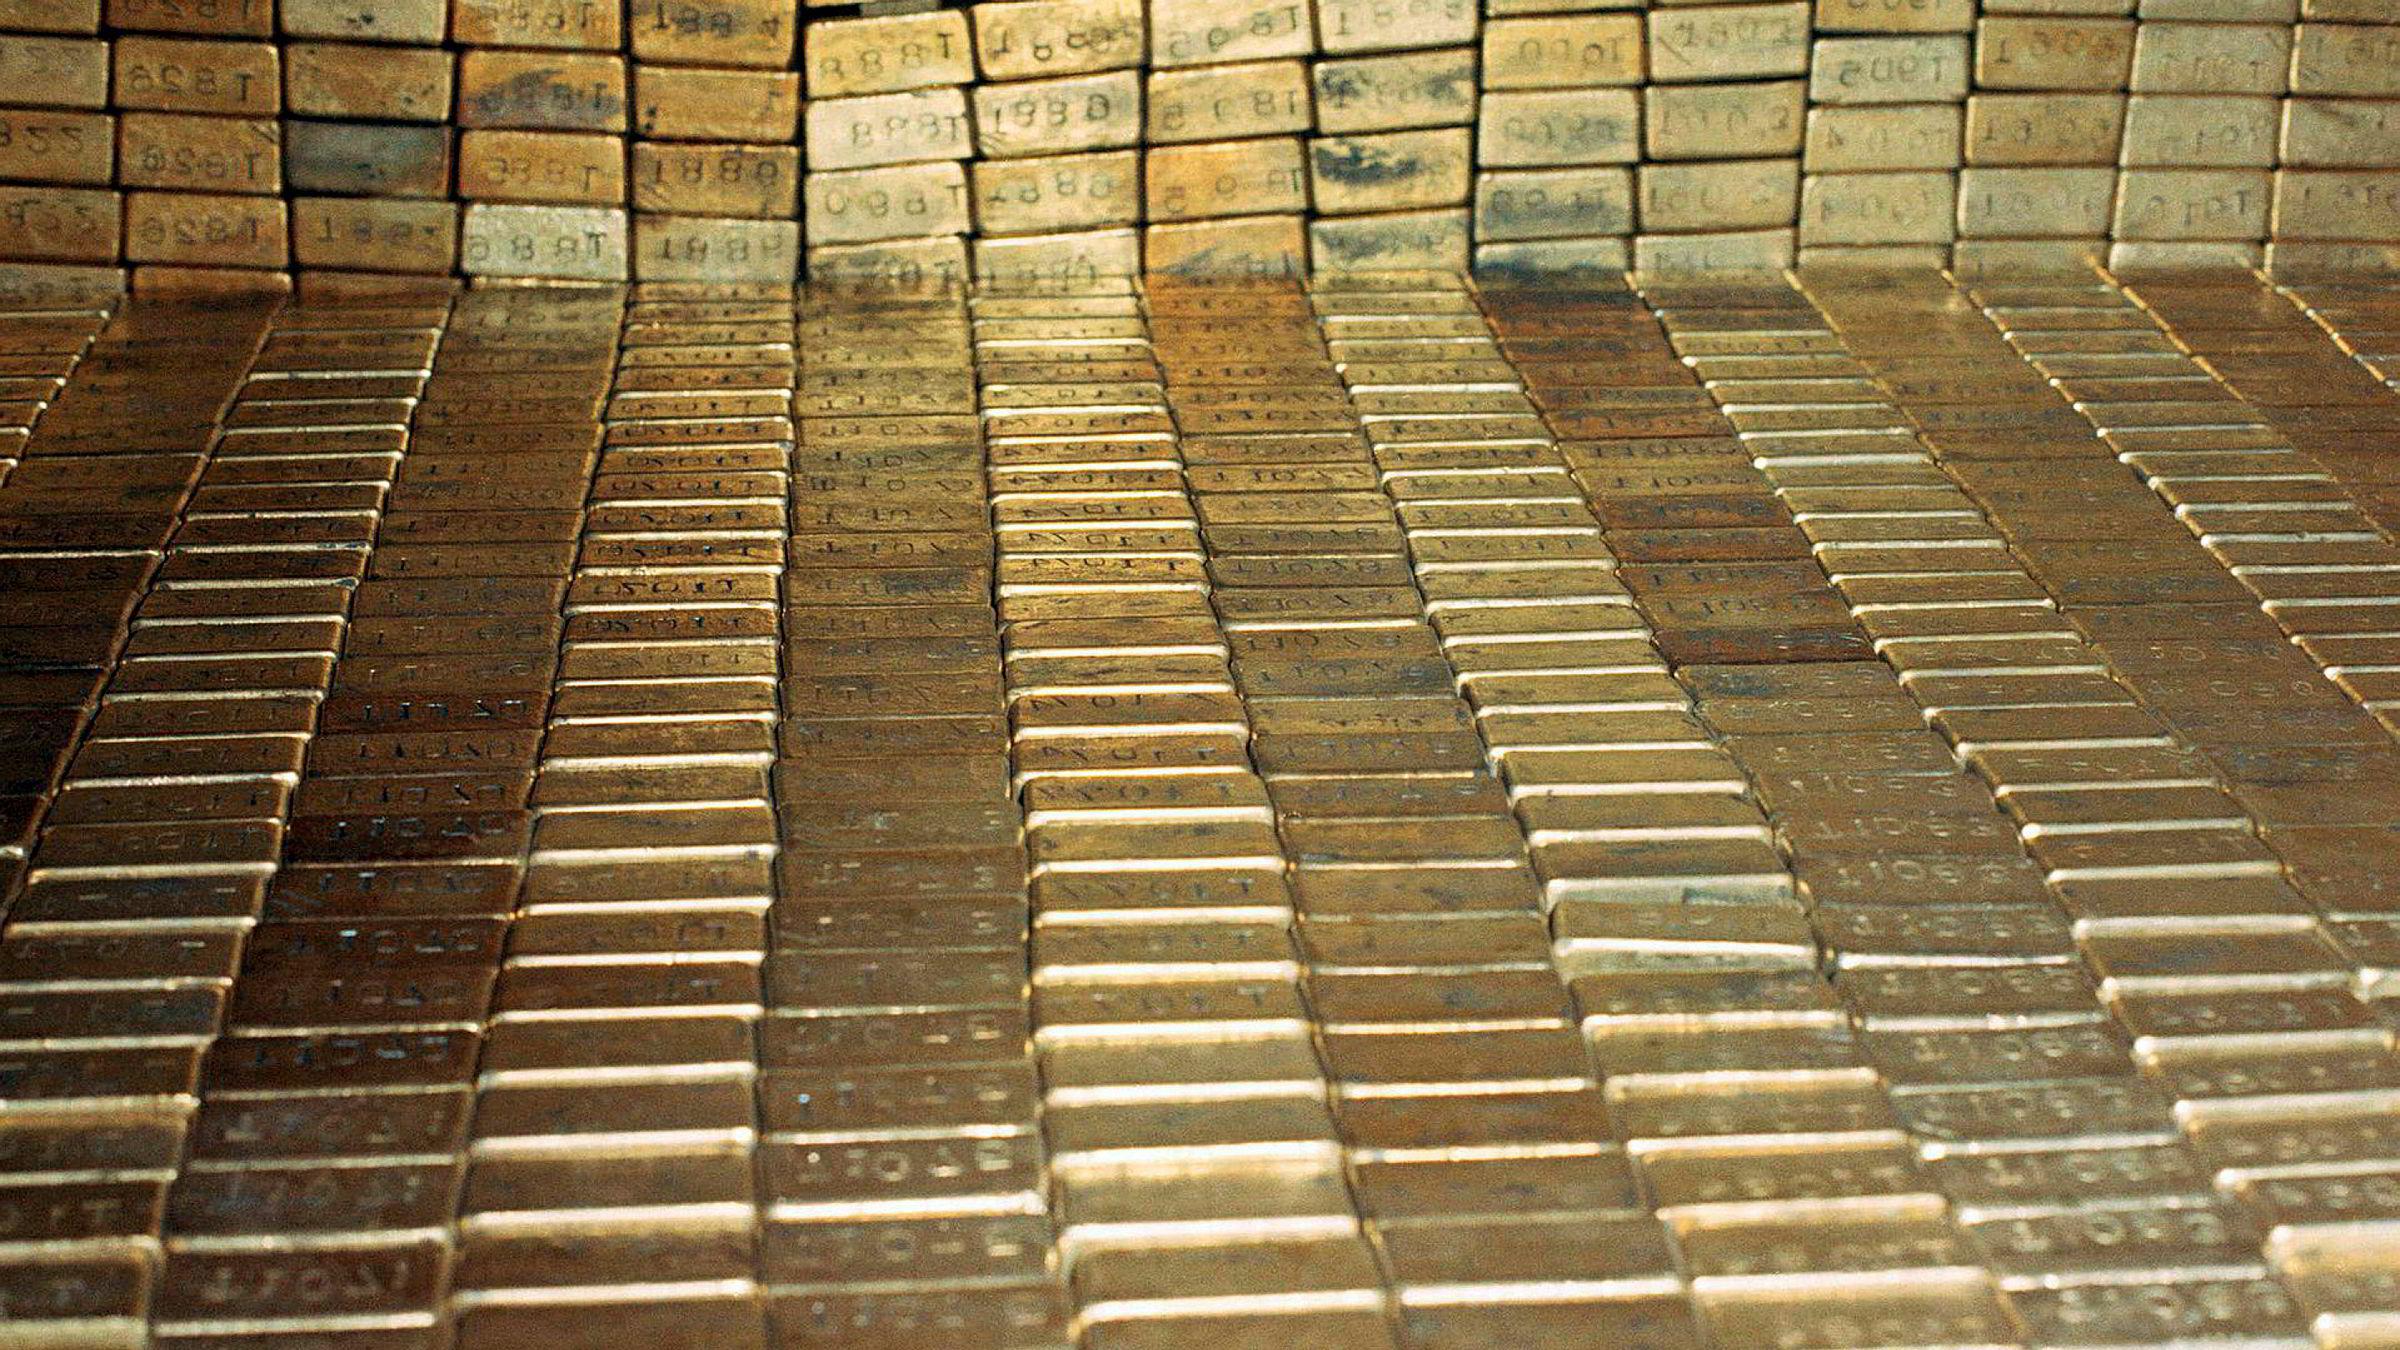 USAs gullbeholdning fotografert i 1974. Ifølge USAs finansminister var 1974 forrige gang noen andre enn de ansatte ved Fort Knox har sett gullet.